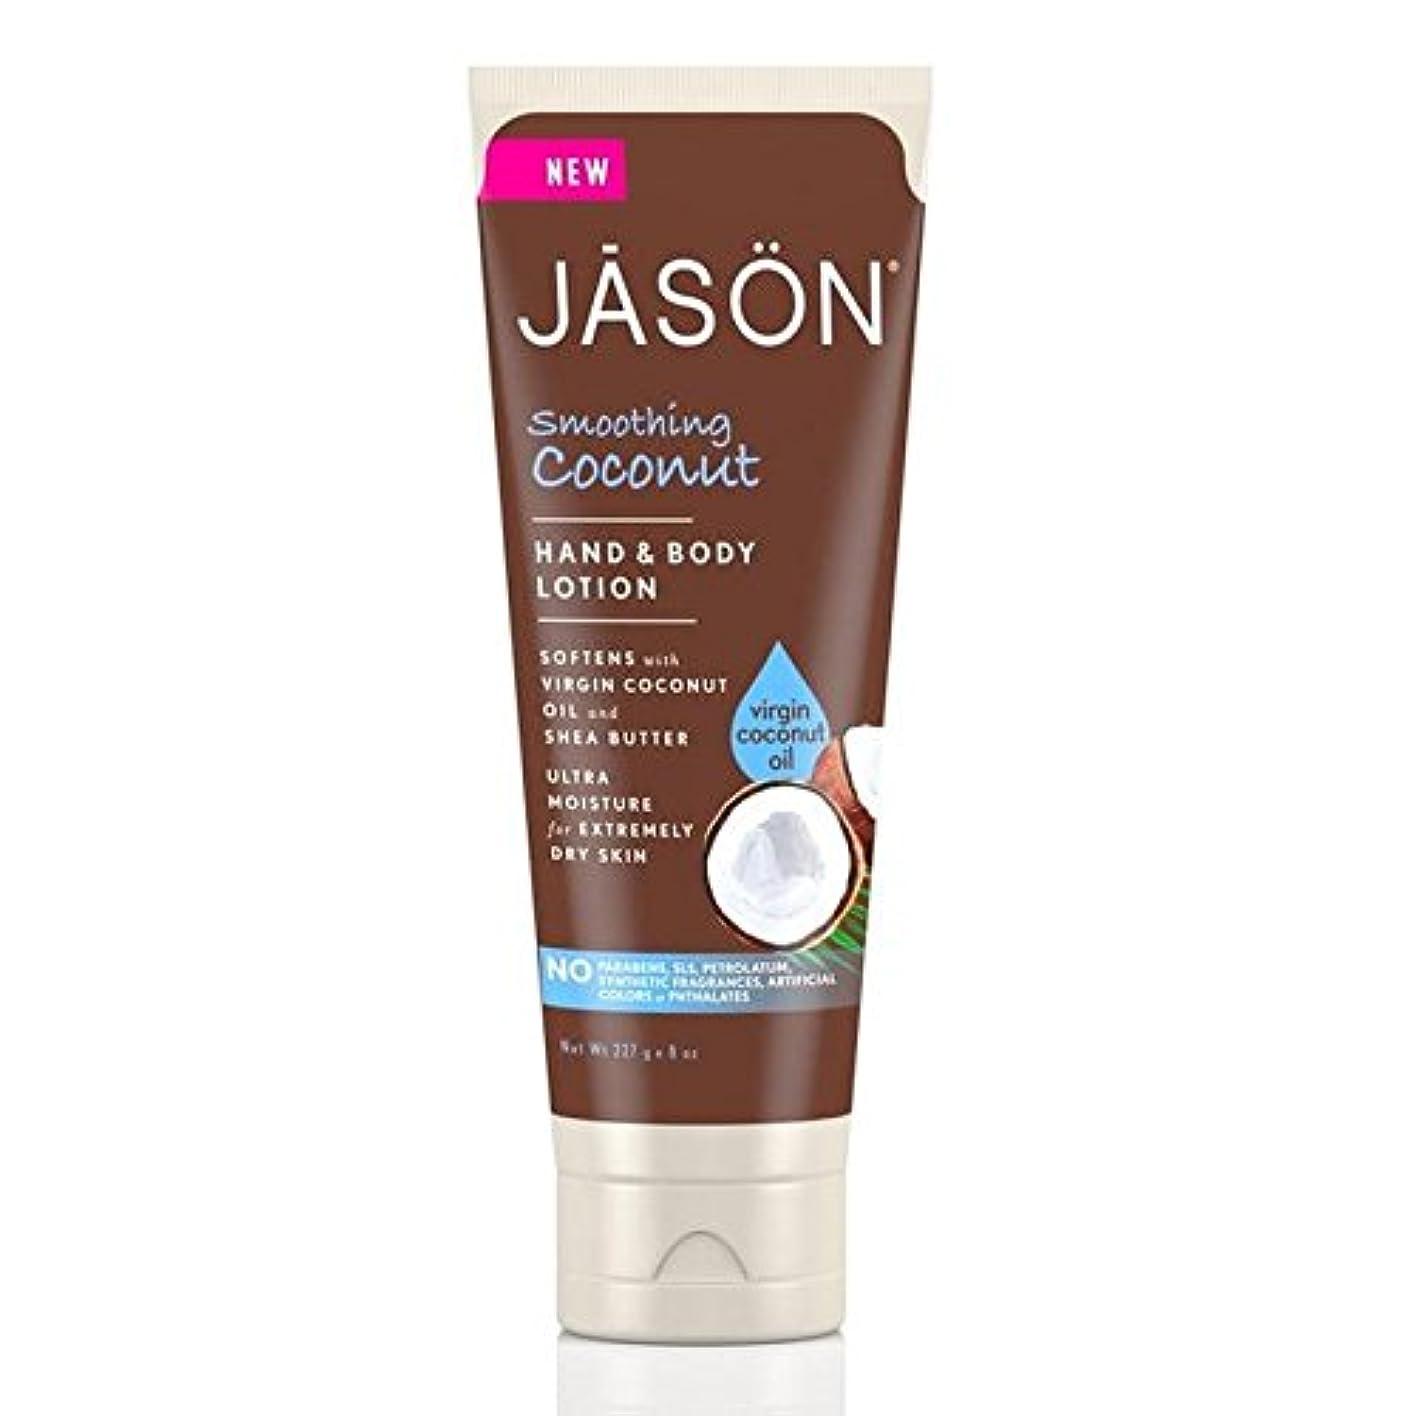 キー愛する印象Jason Coconut Hand & Body Lotion 227g (Pack of 6) - ジェイソン?ココナッツハンド&ボディローション227グラム x6 [並行輸入品]